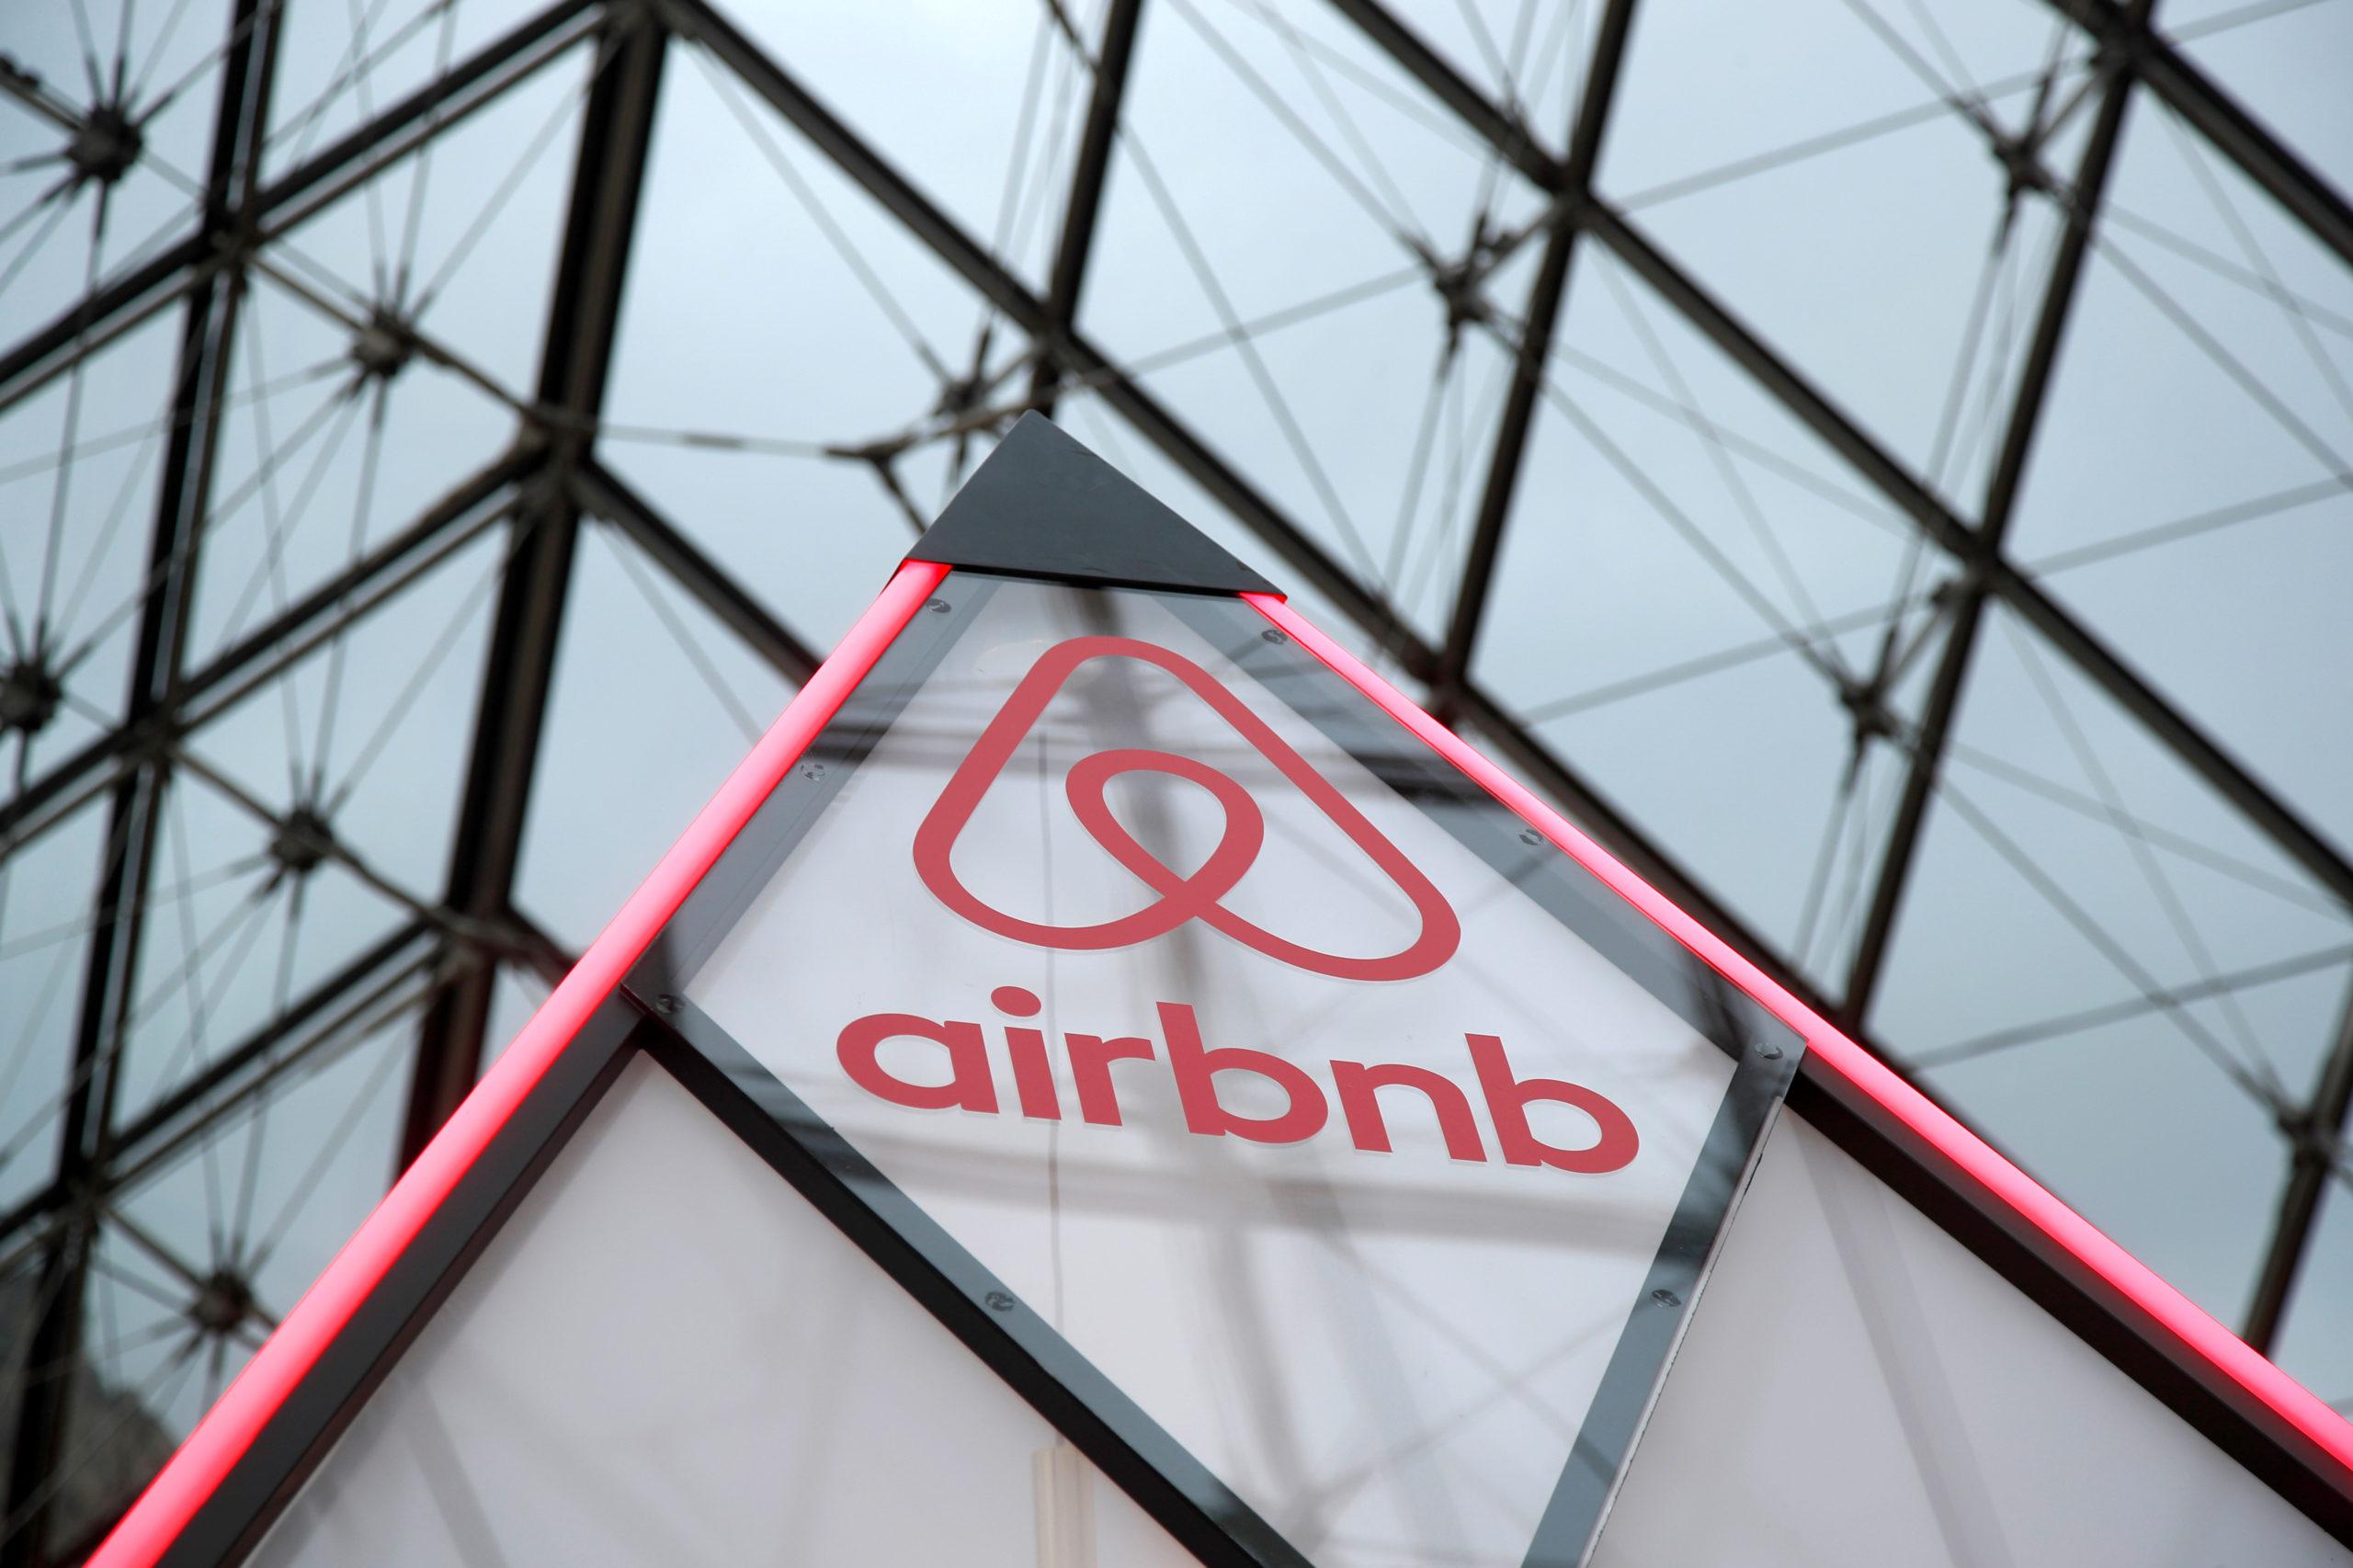 Airbnb a obtenu jeudi une victoire devant la Cour de justice de l'Union européenne, qui a jugé que la plateforme américaine de location entre particuliers ne constituait pas une société immobilière, mais bien une société de services numériques. /Photo d'archives/REUTERS/Charles Platiau